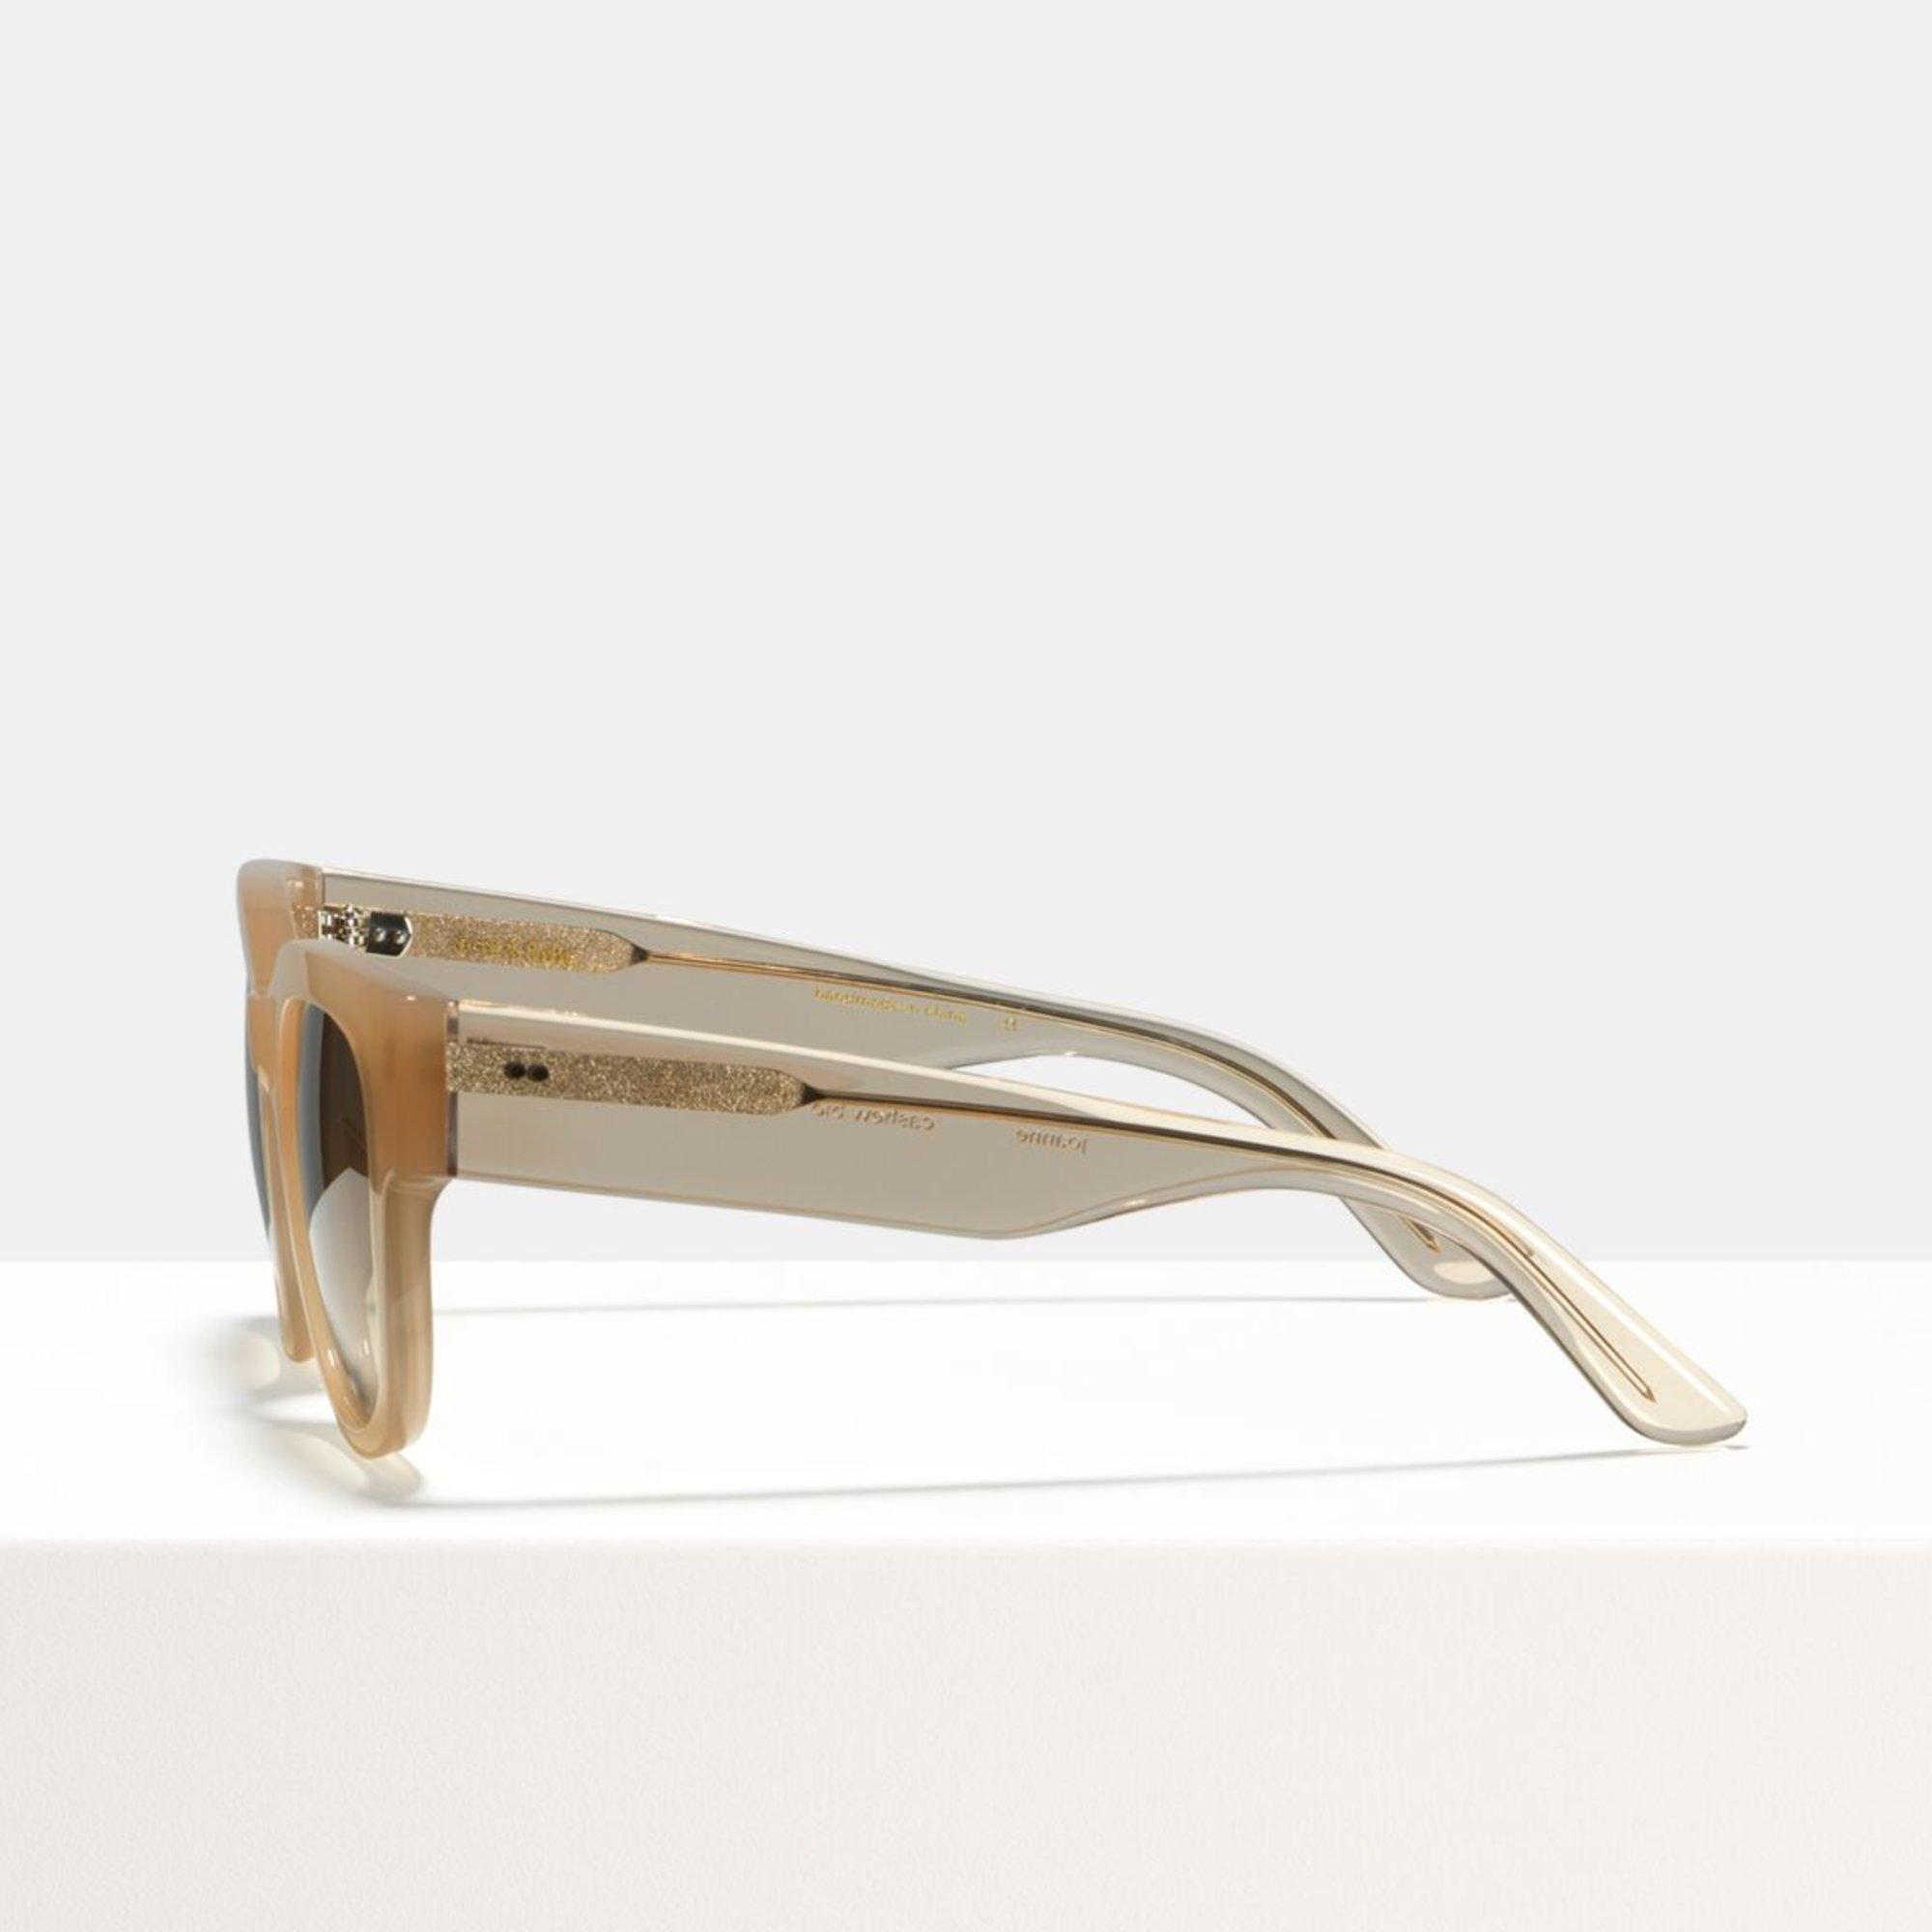 Ace & Tate Sunglasses   round acetate in Beige